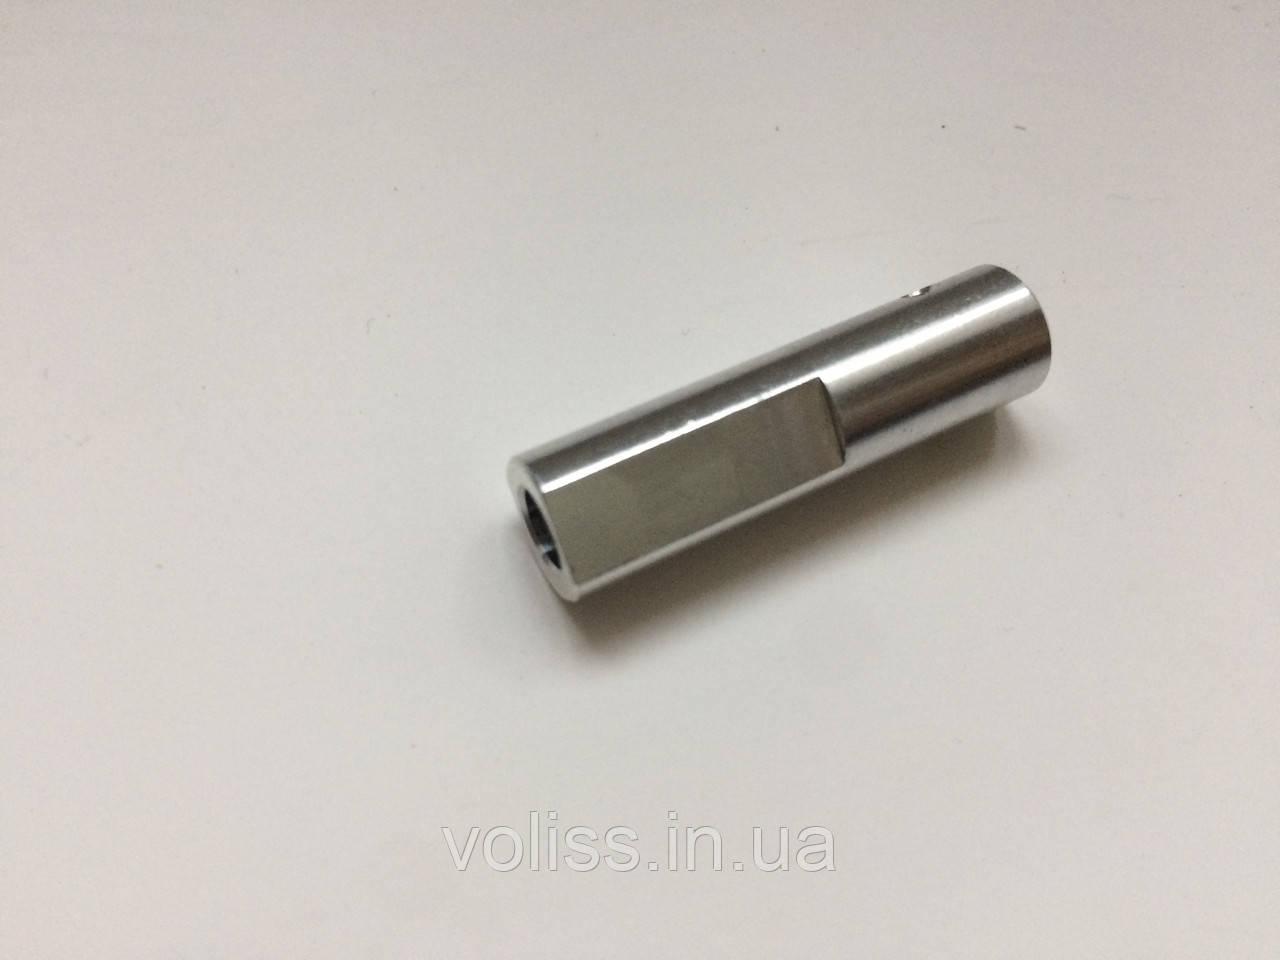 Цилиндр (гильза) маслонасоса для бензопил Husqvarna 135, 140, 340, 435, 440, 445, 450(5371548-01)